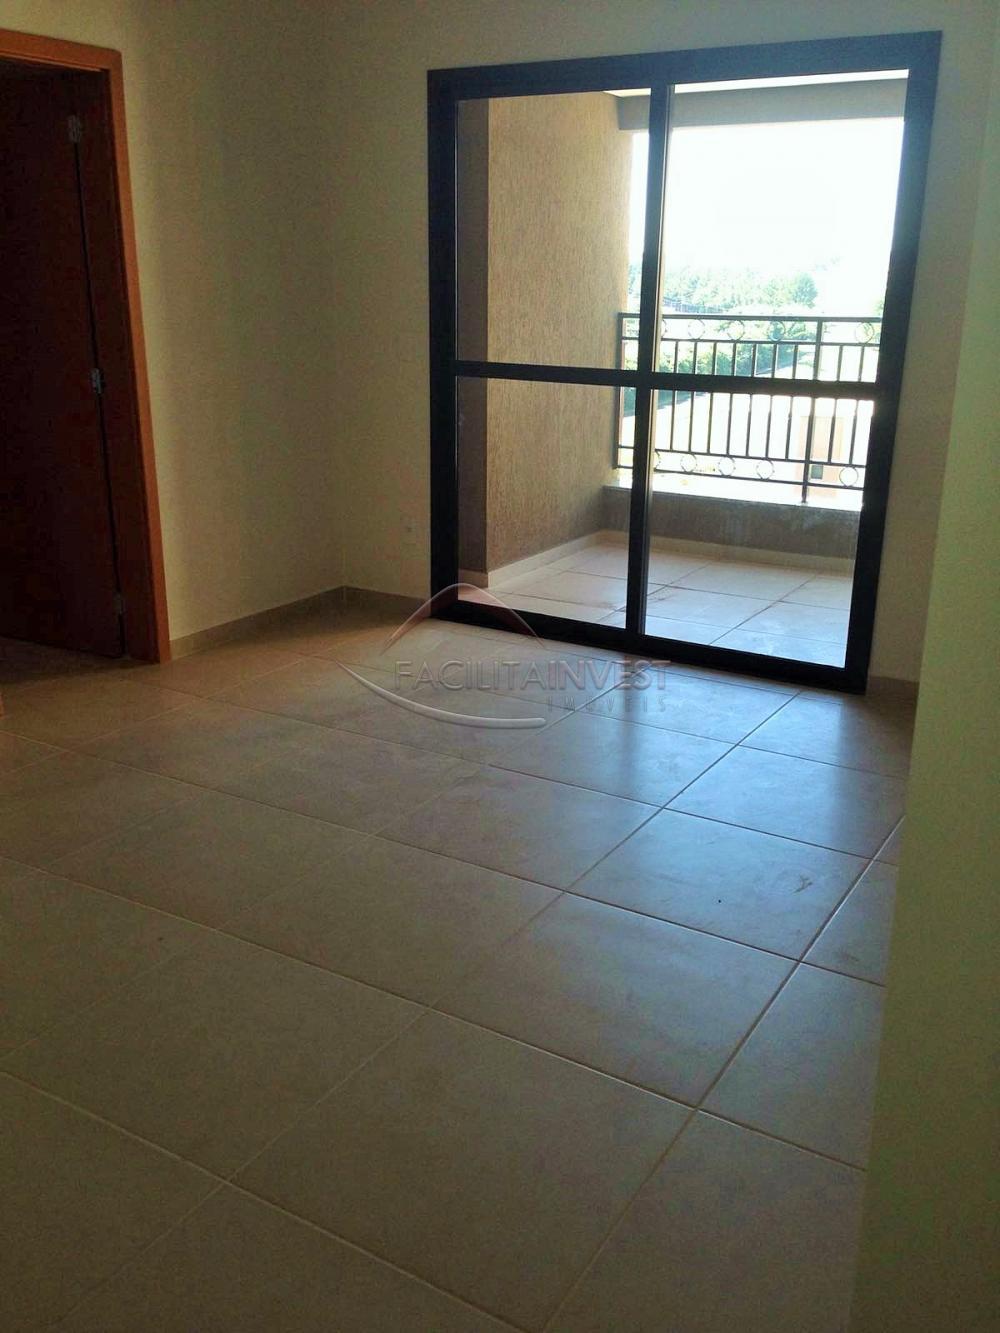 Alugar Apartamentos / Apart. Padrão em Ribeirão Preto apenas R$ 1.900,00 - Foto 5